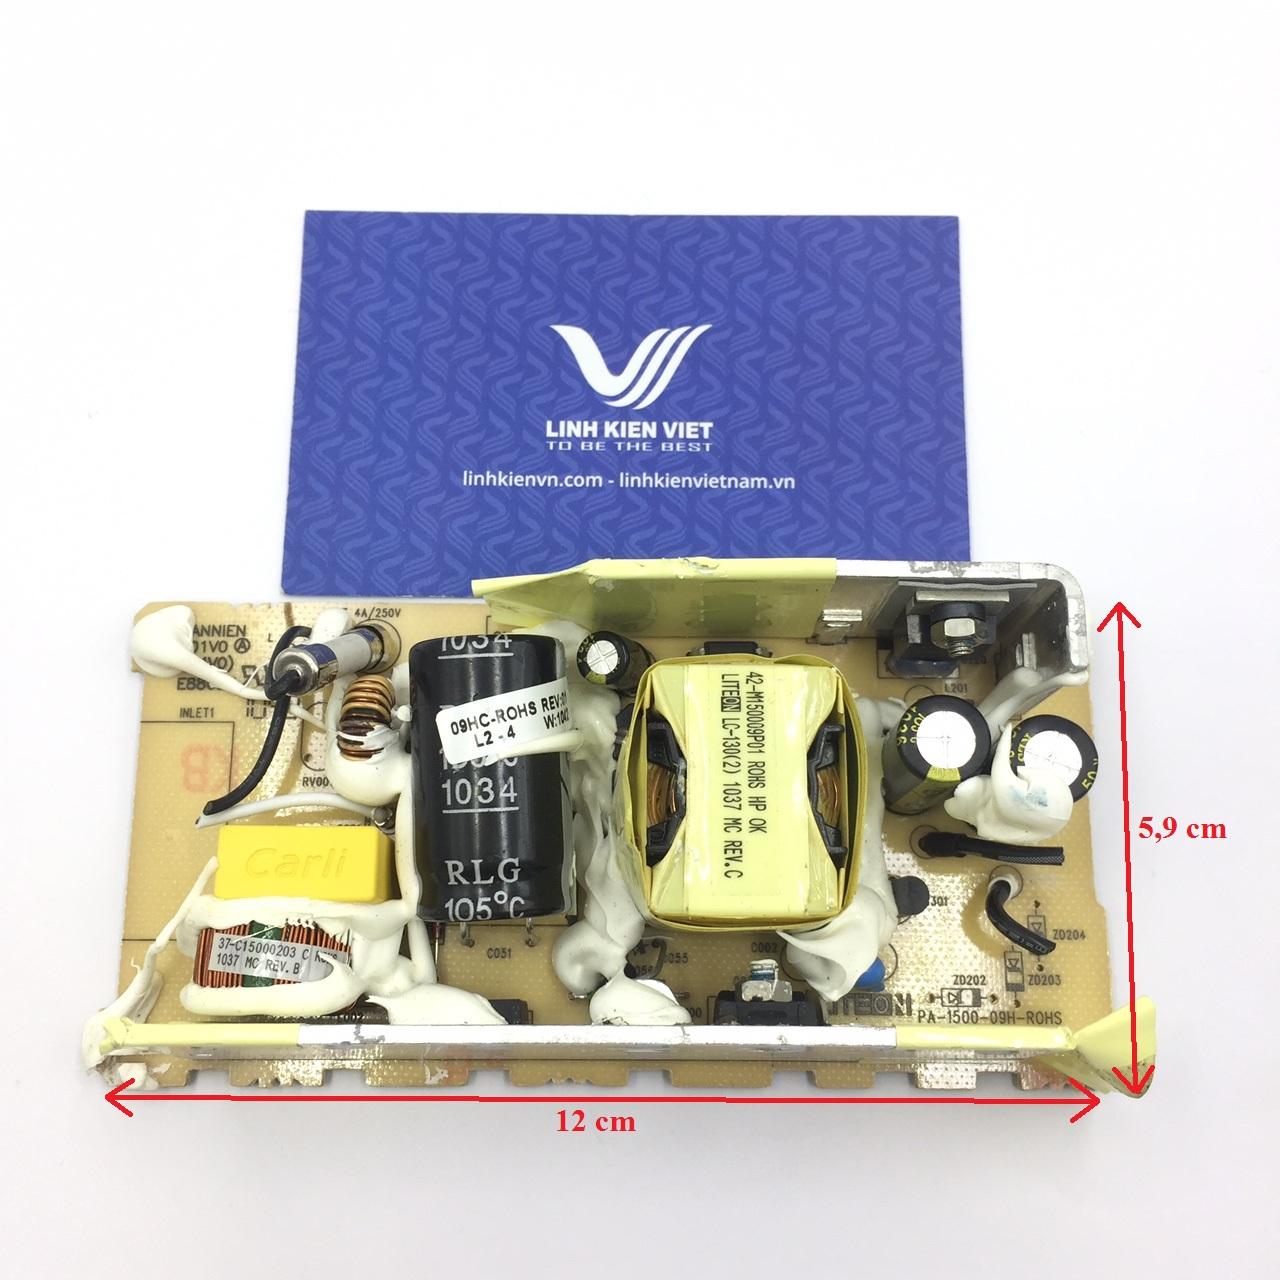 Nguồn adapter 24V 4A không vỏ - (hàng tháo máy)